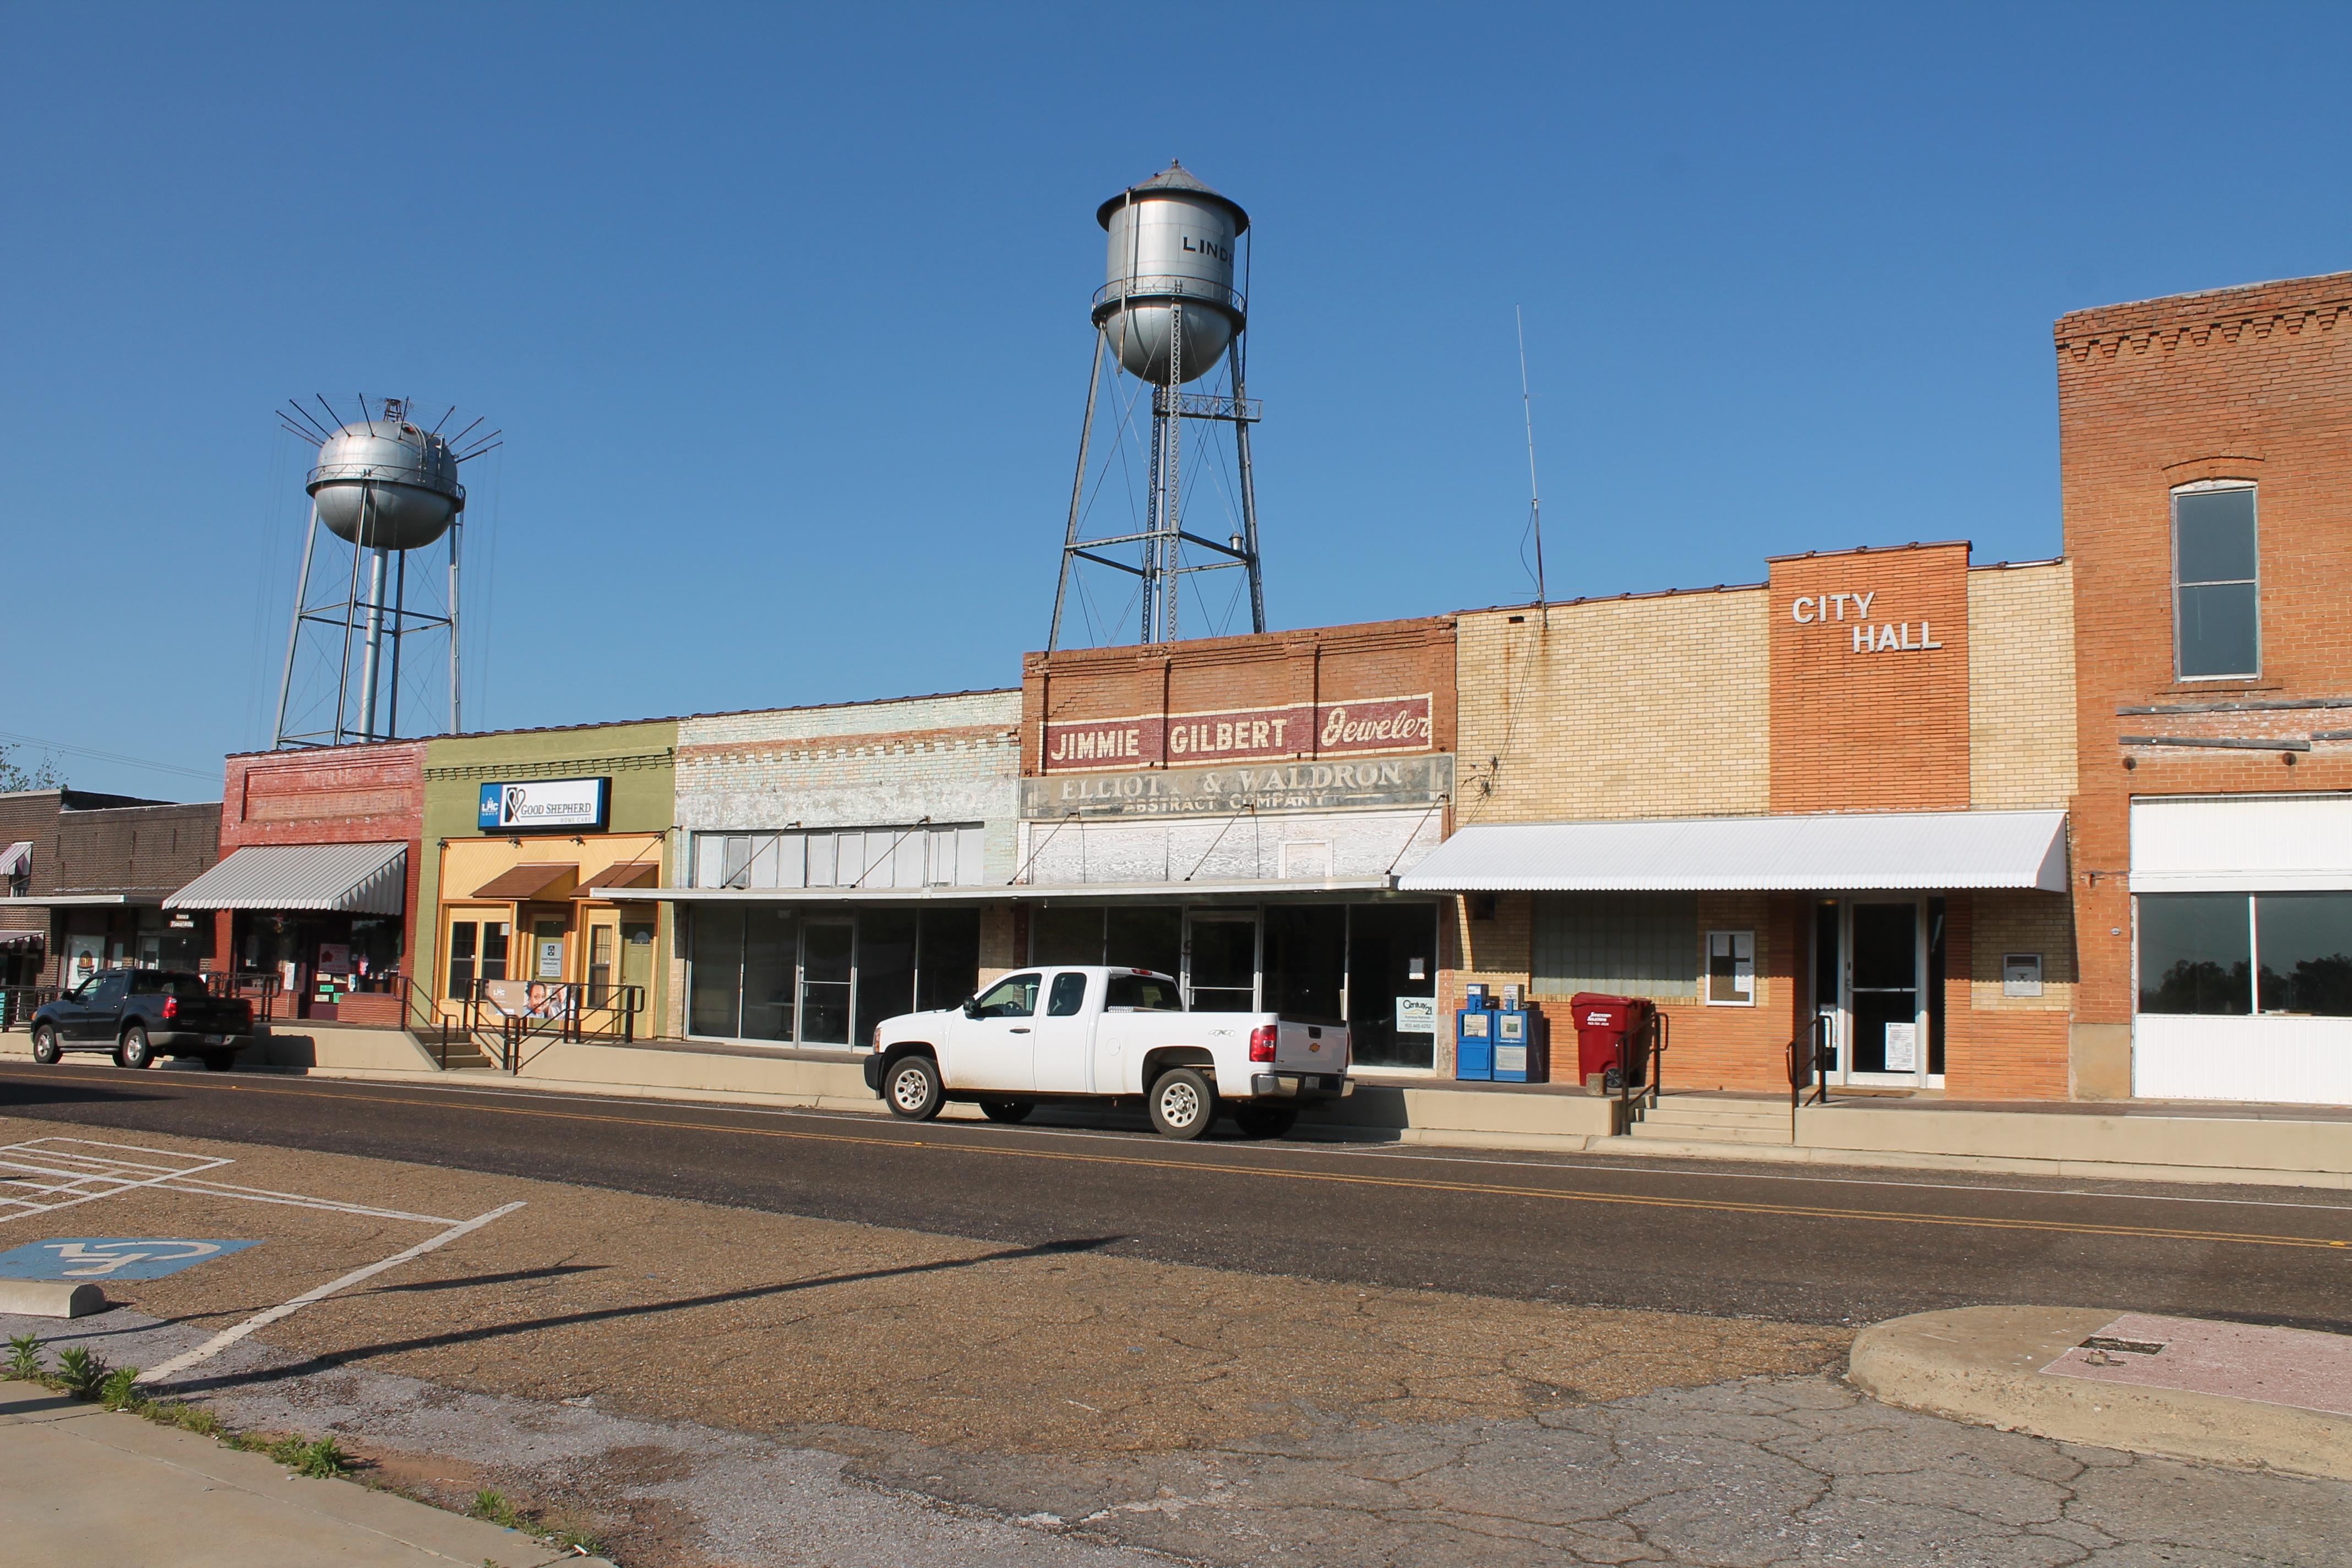 ليندن (تكساس)